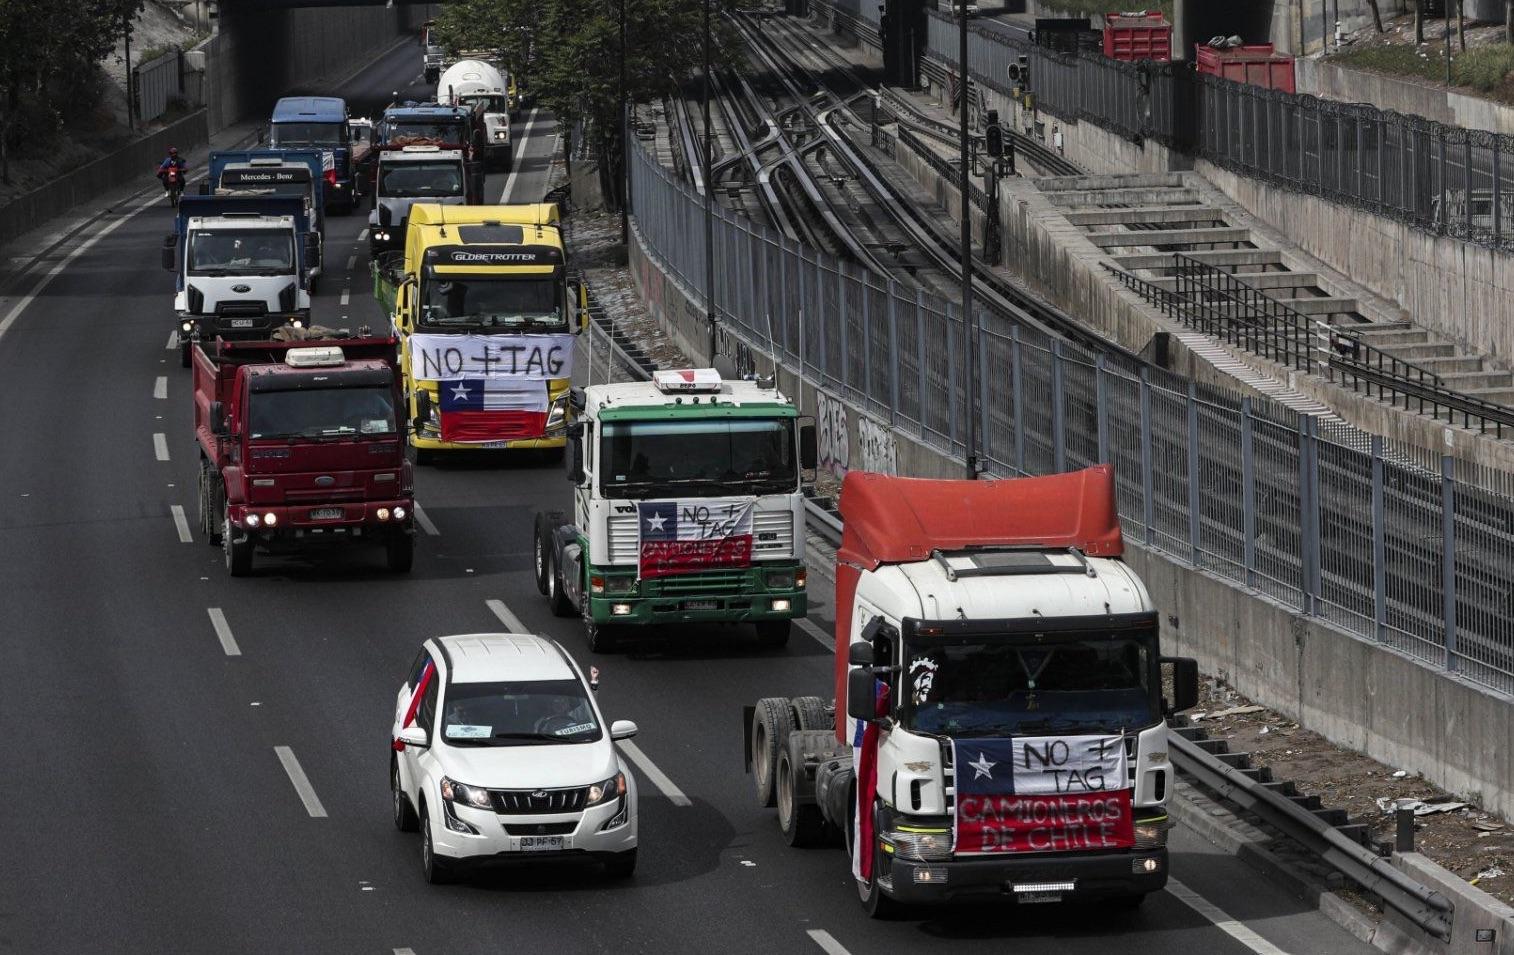 La protesta dei camionisti in Cile contro l'aumento dei pedaggi